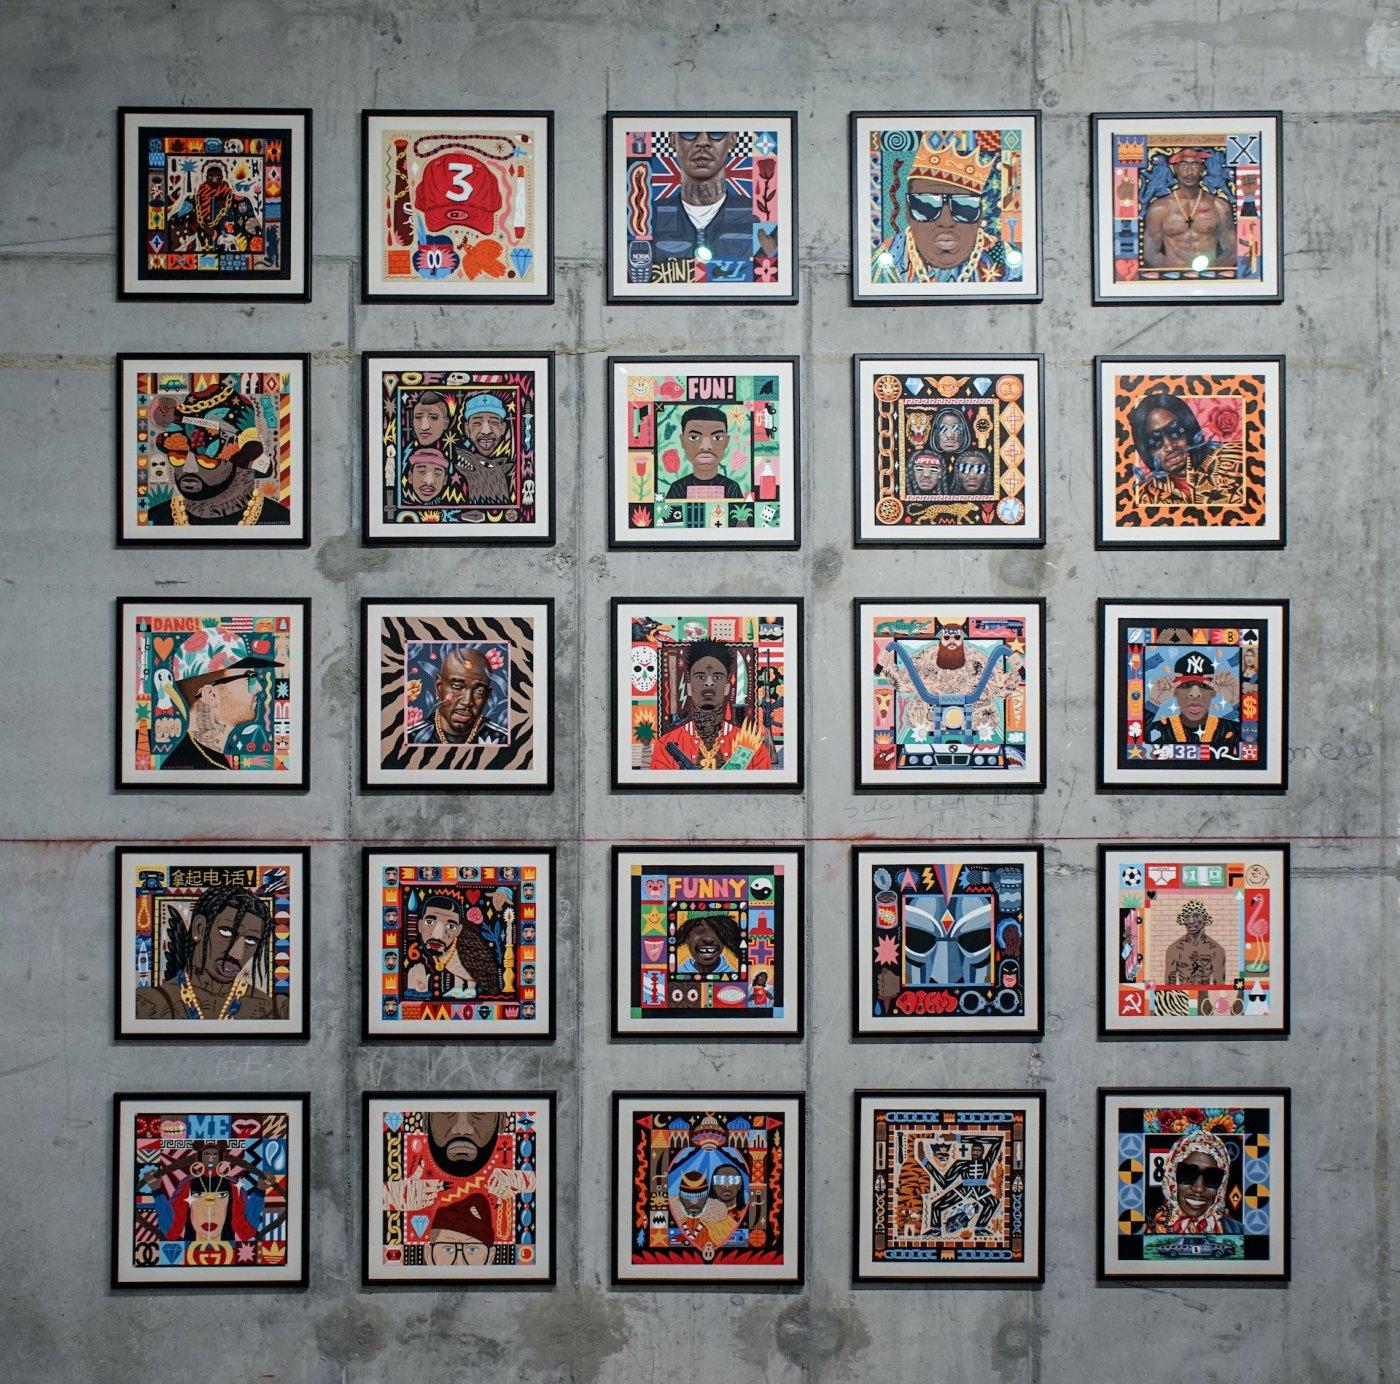 Mobius Gallery Saddo 3